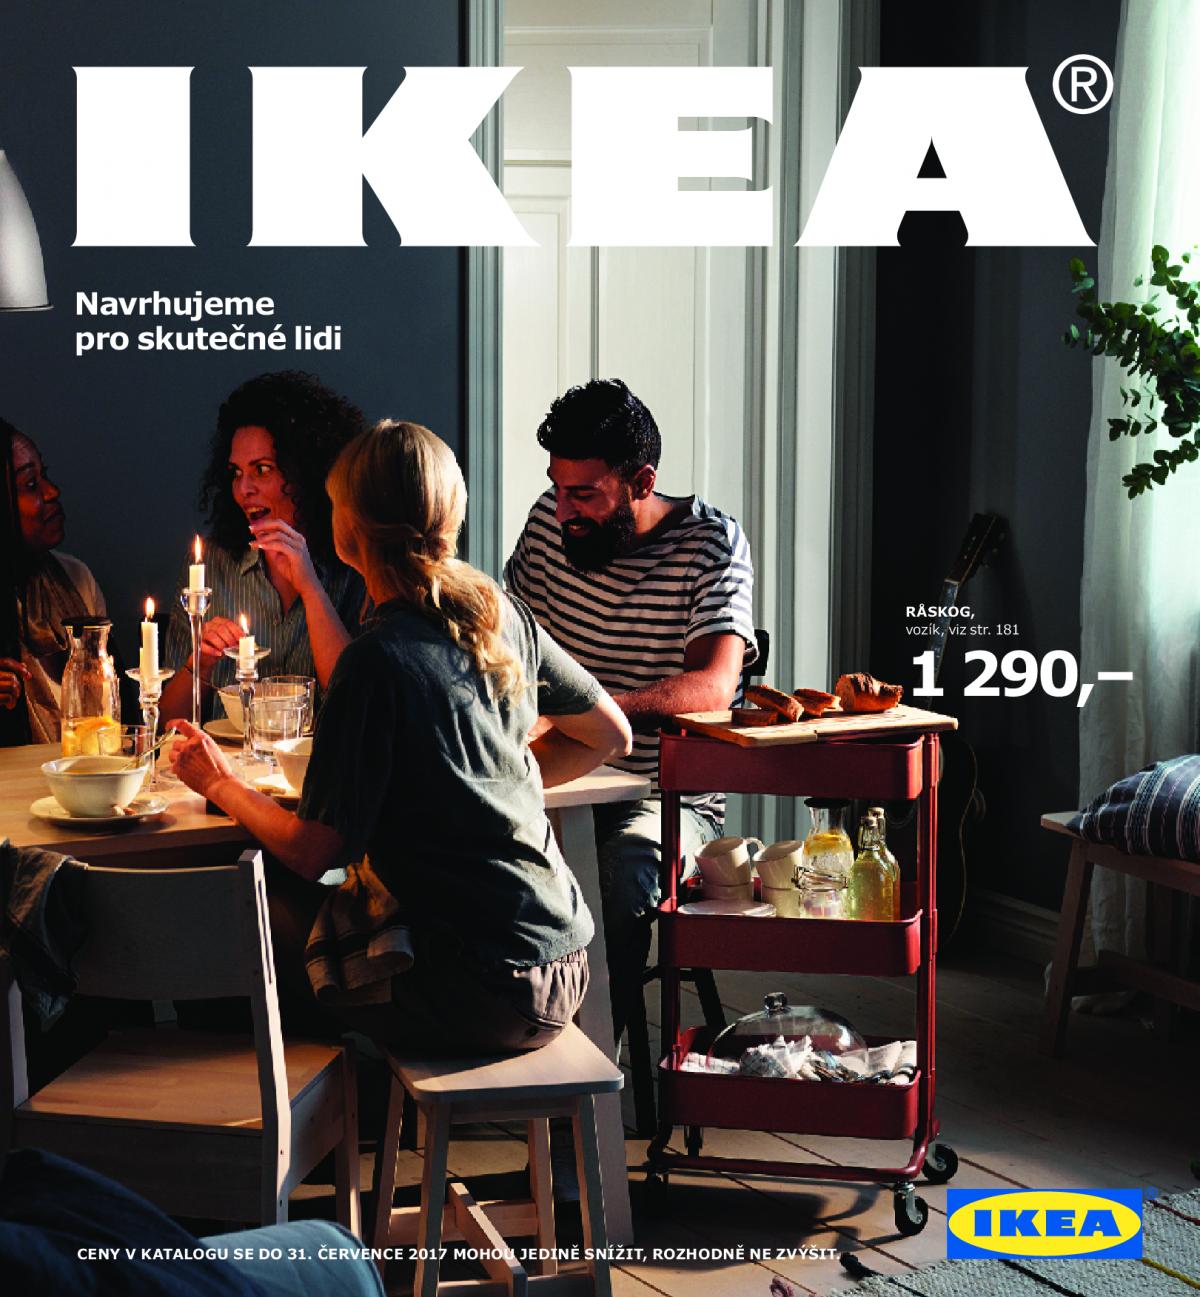 Katalog z roku 2017